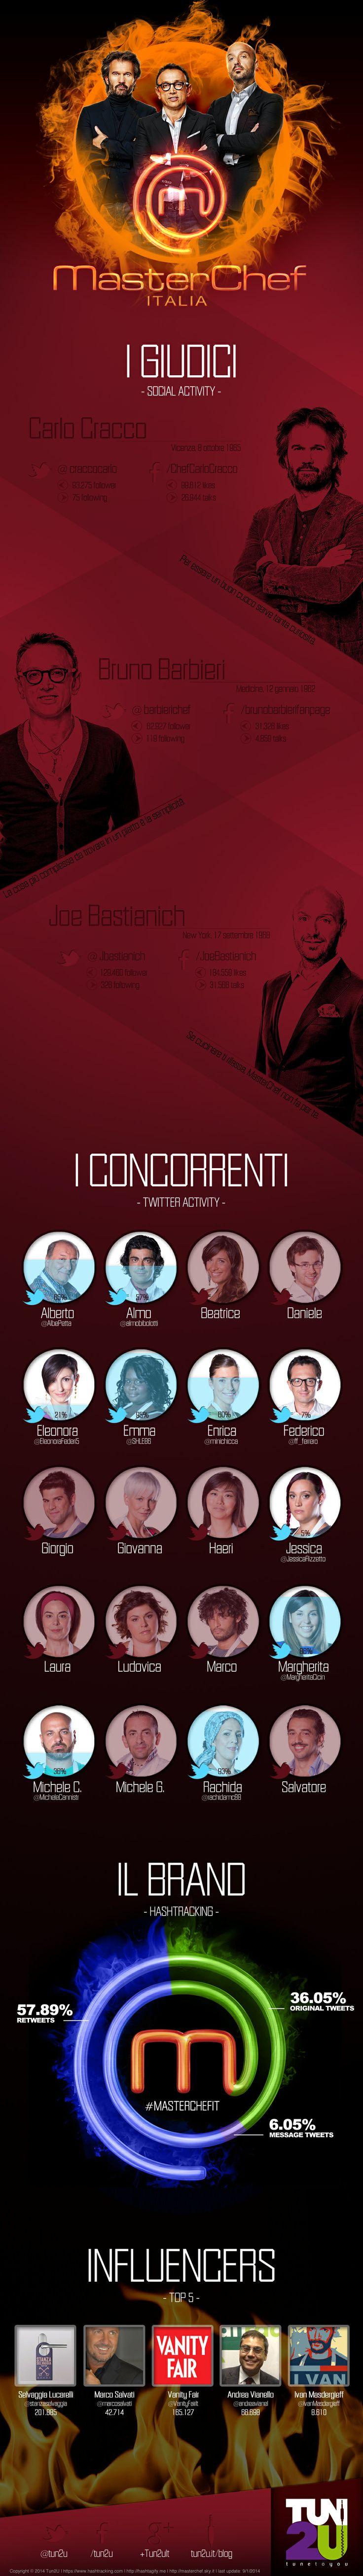 La Social Activity di MasterChef Italia | Infographic Love